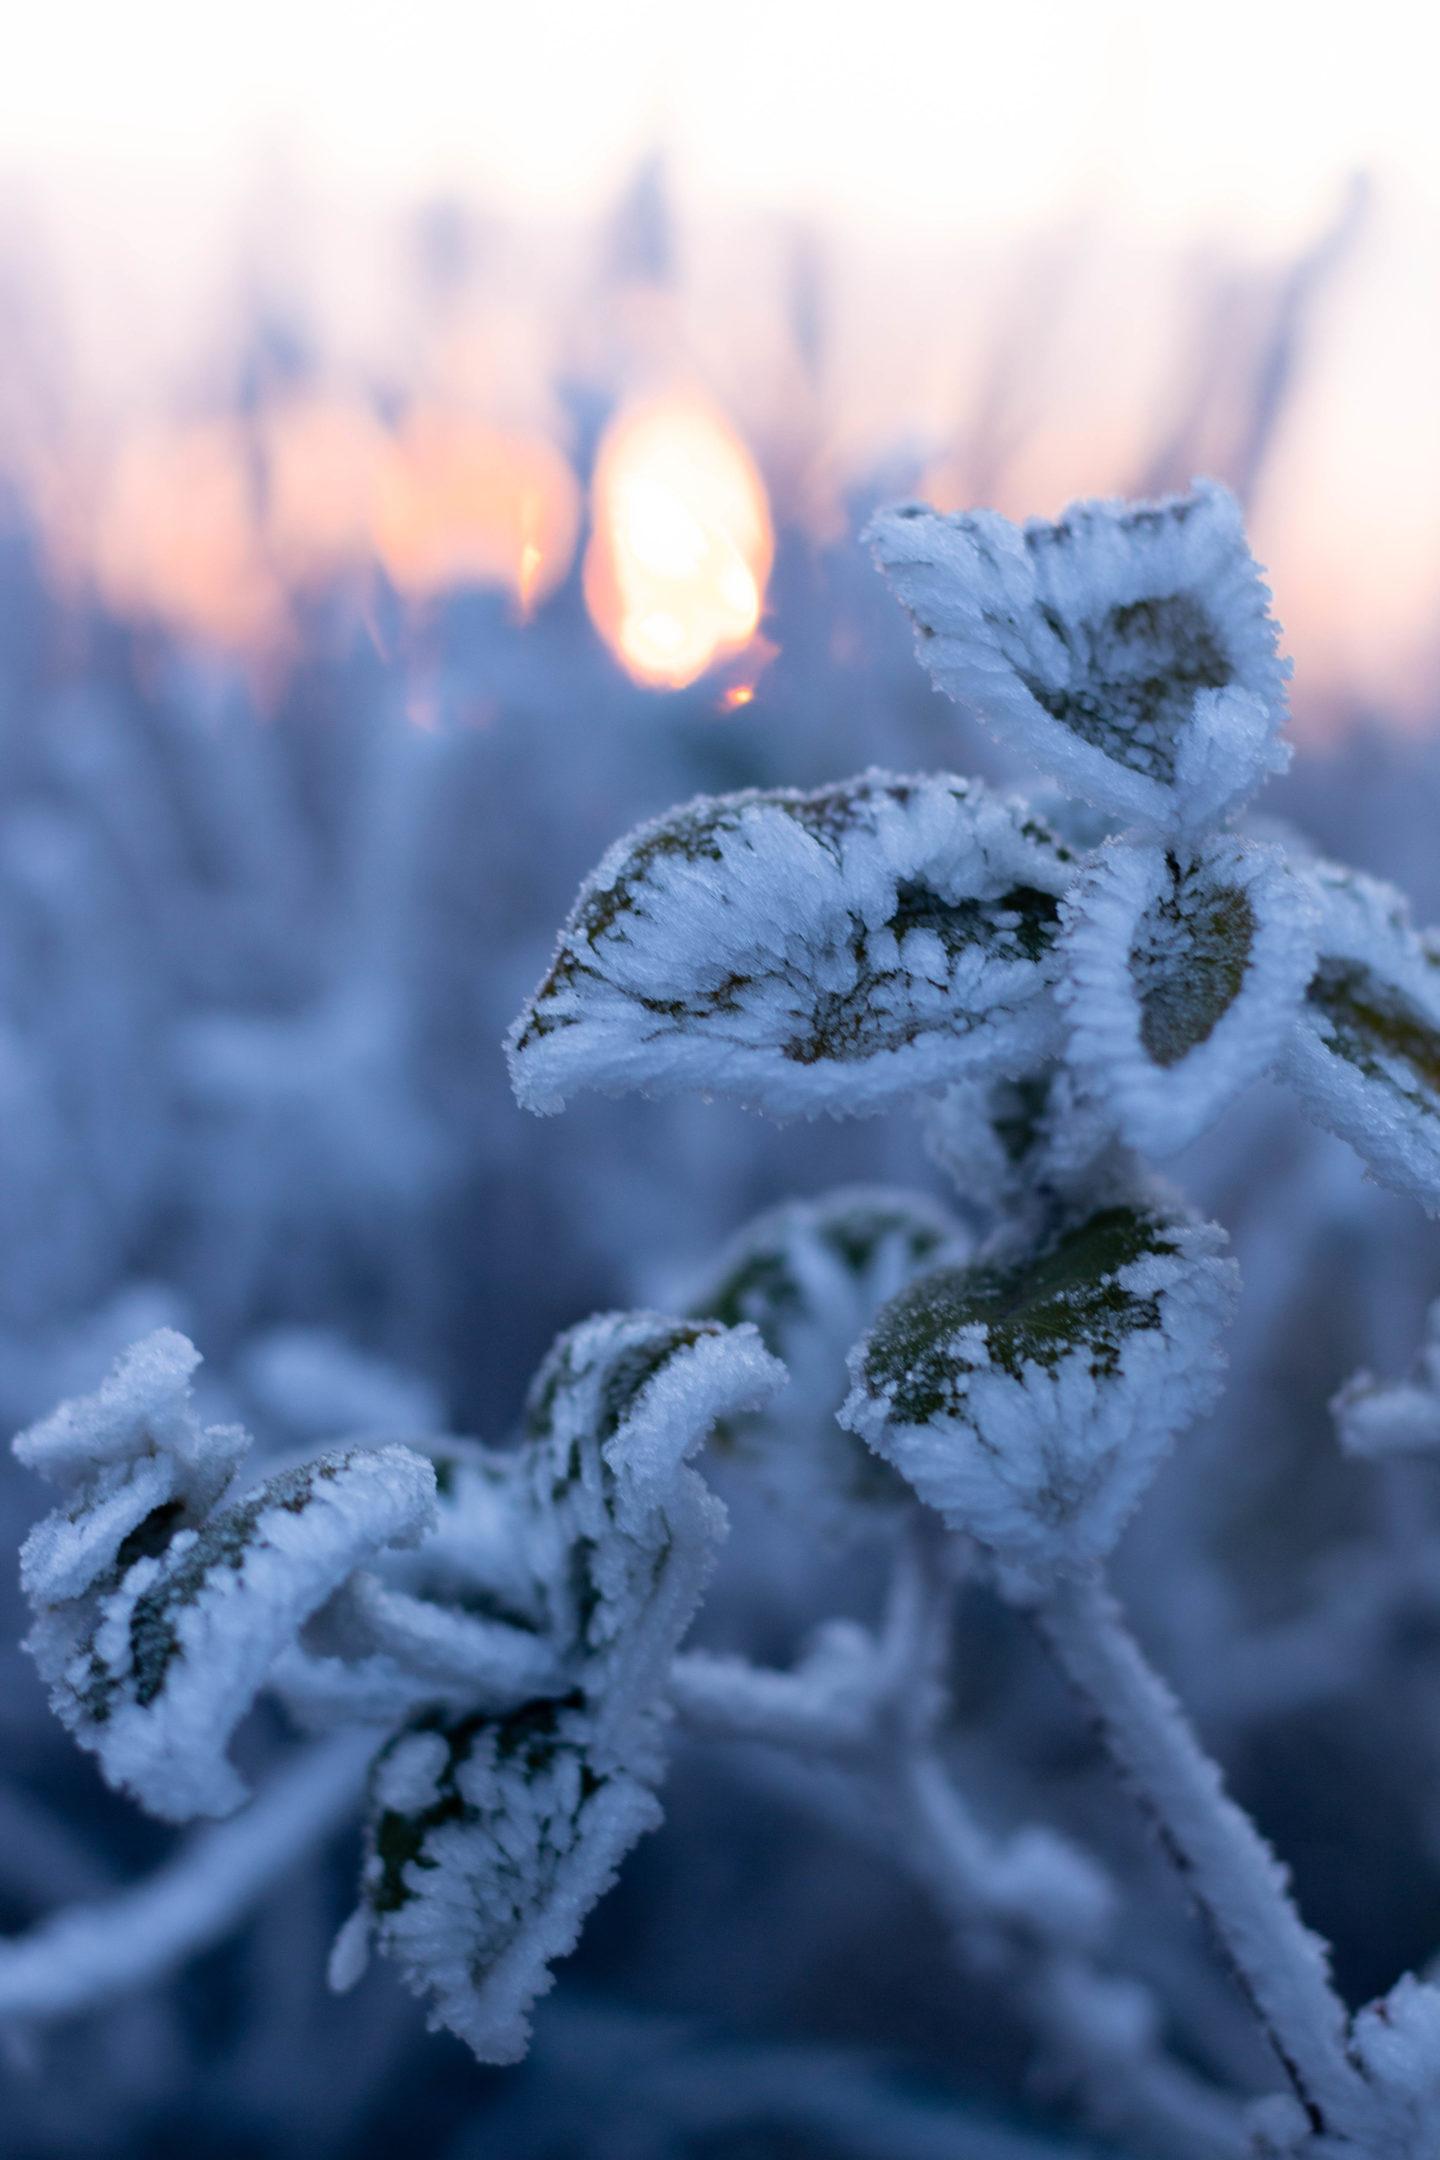 Wintertag-Sonnenaufgang-Mostviertel- Frost- Frosty Winter-Dein Homespa- Food & Wohlfühlblog aus dem Mostviertel